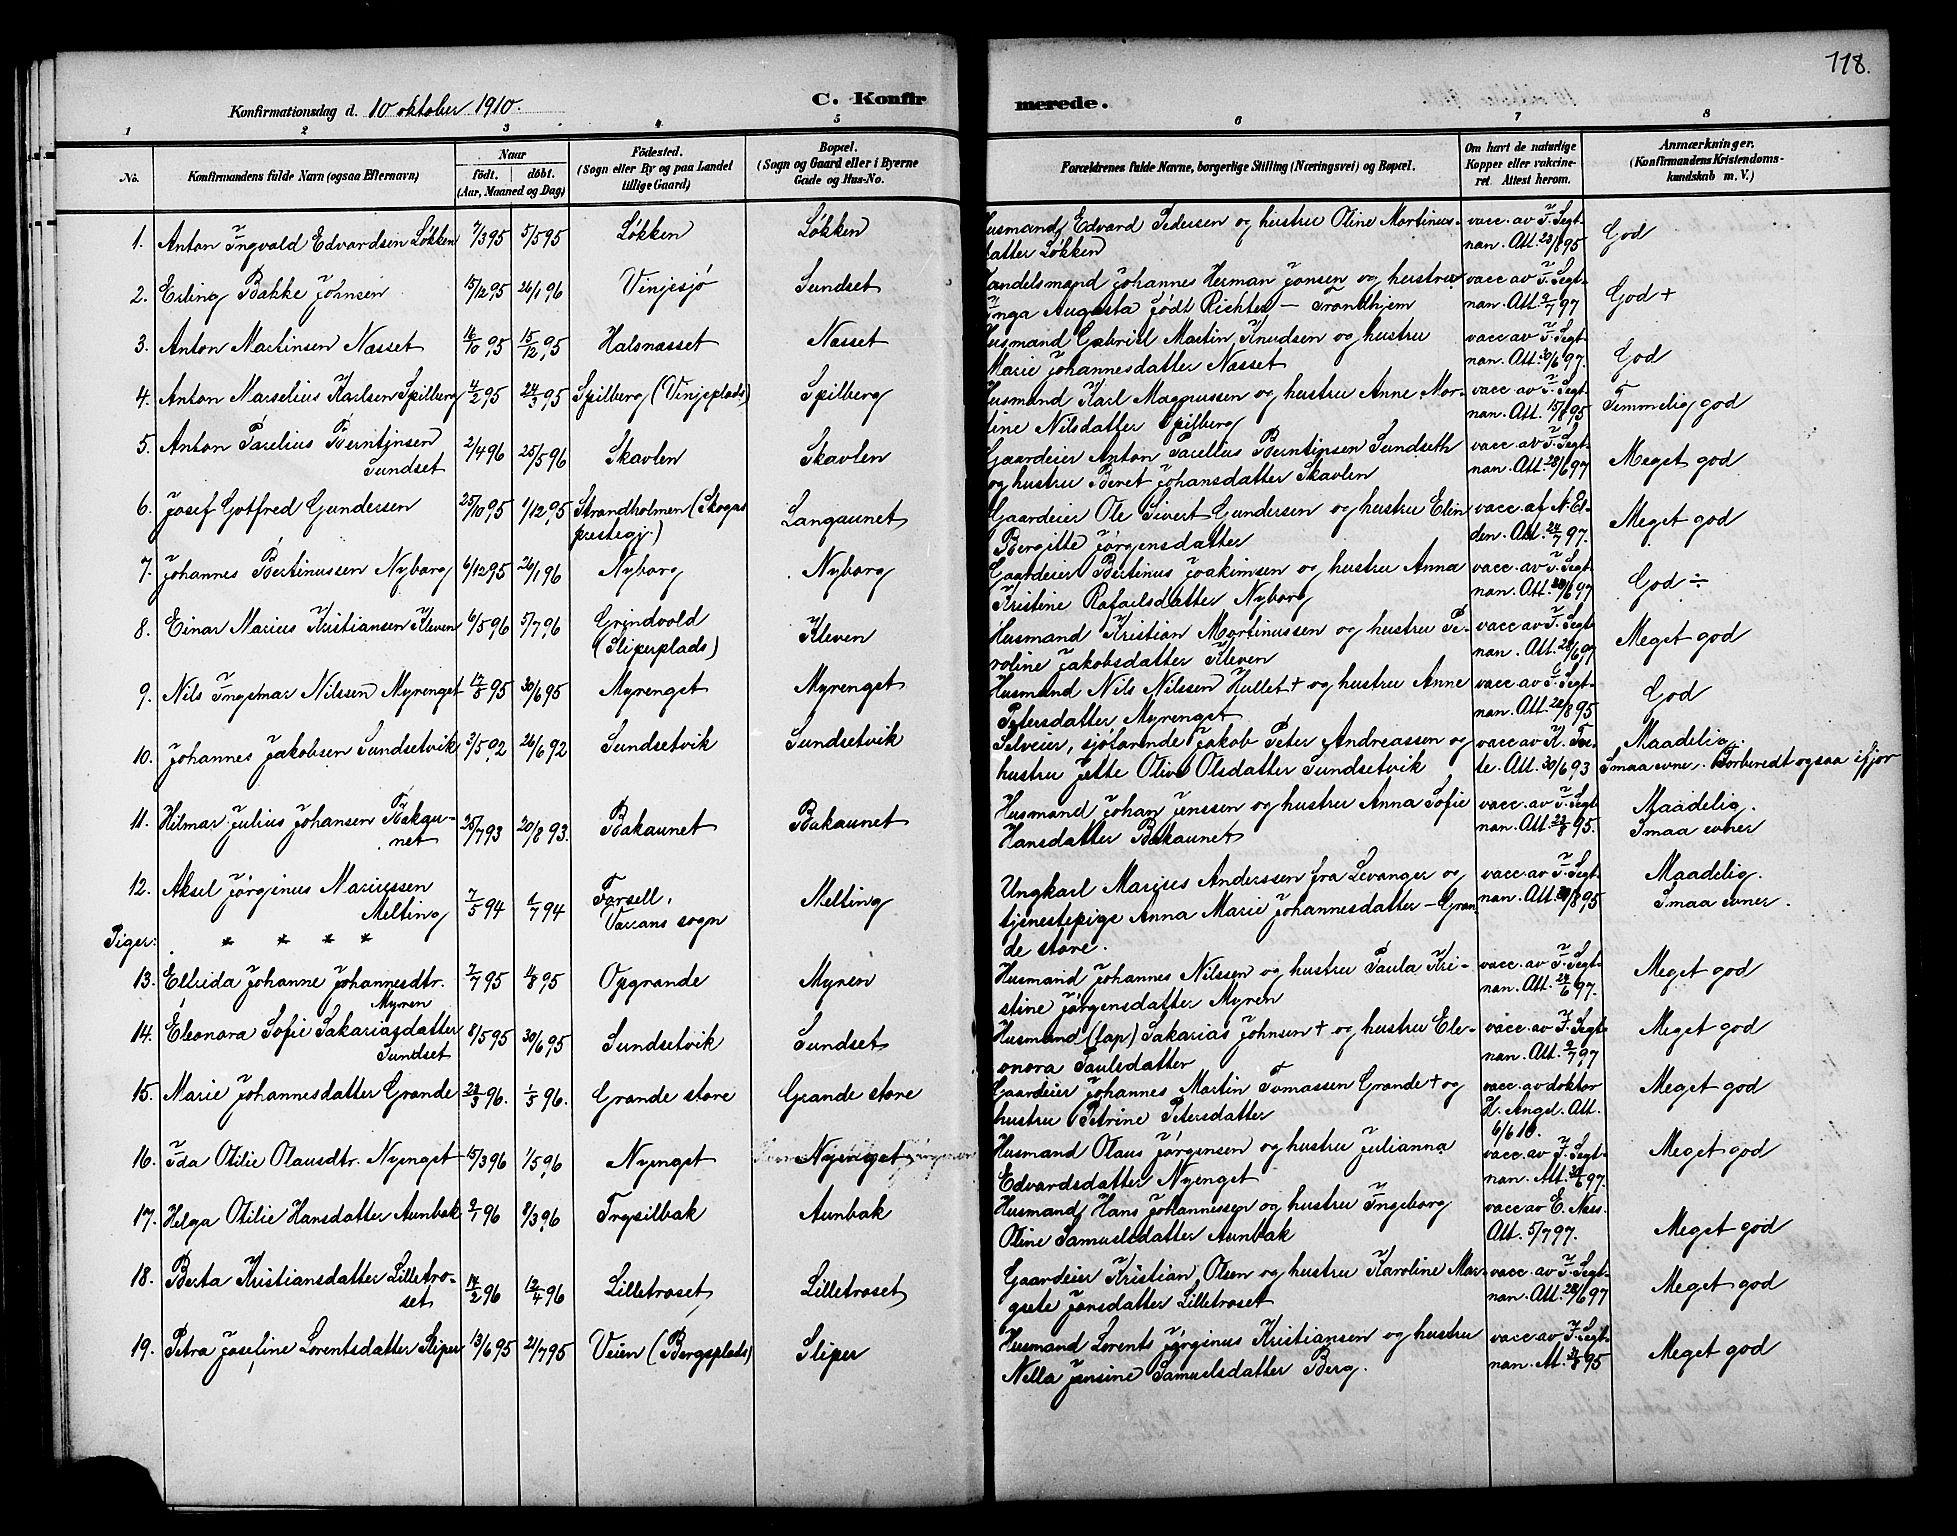 SAT, Ministerialprotokoller, klokkerbøker og fødselsregistre - Nord-Trøndelag, 733/L0327: Klokkerbok nr. 733C02, 1888-1918, s. 118